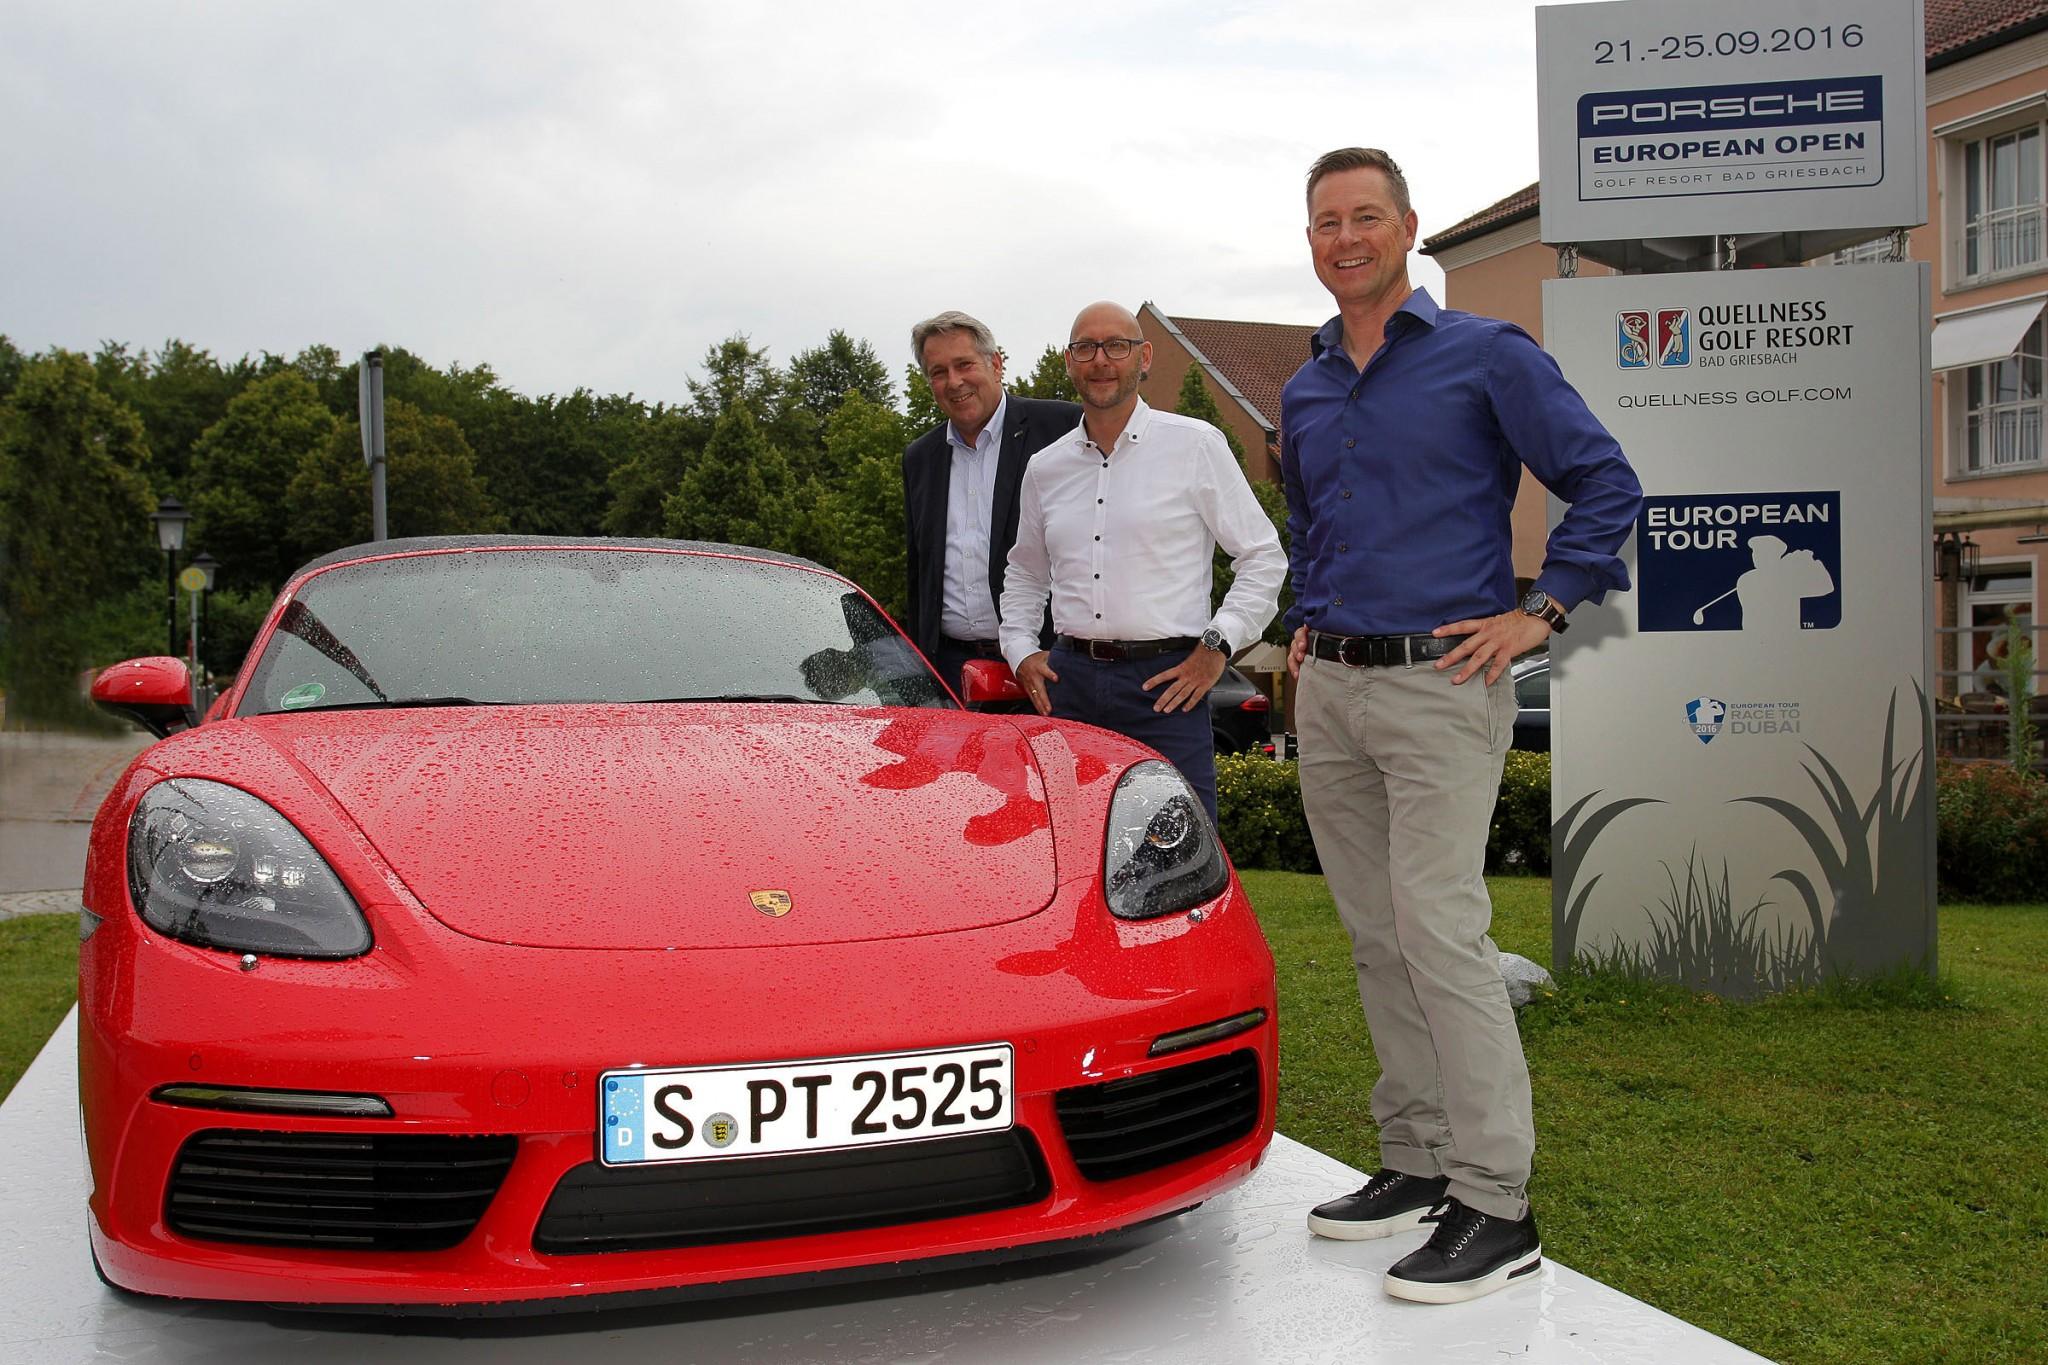 Martin Kaymer Schl Gt Bei Den Porsche European Open Ab